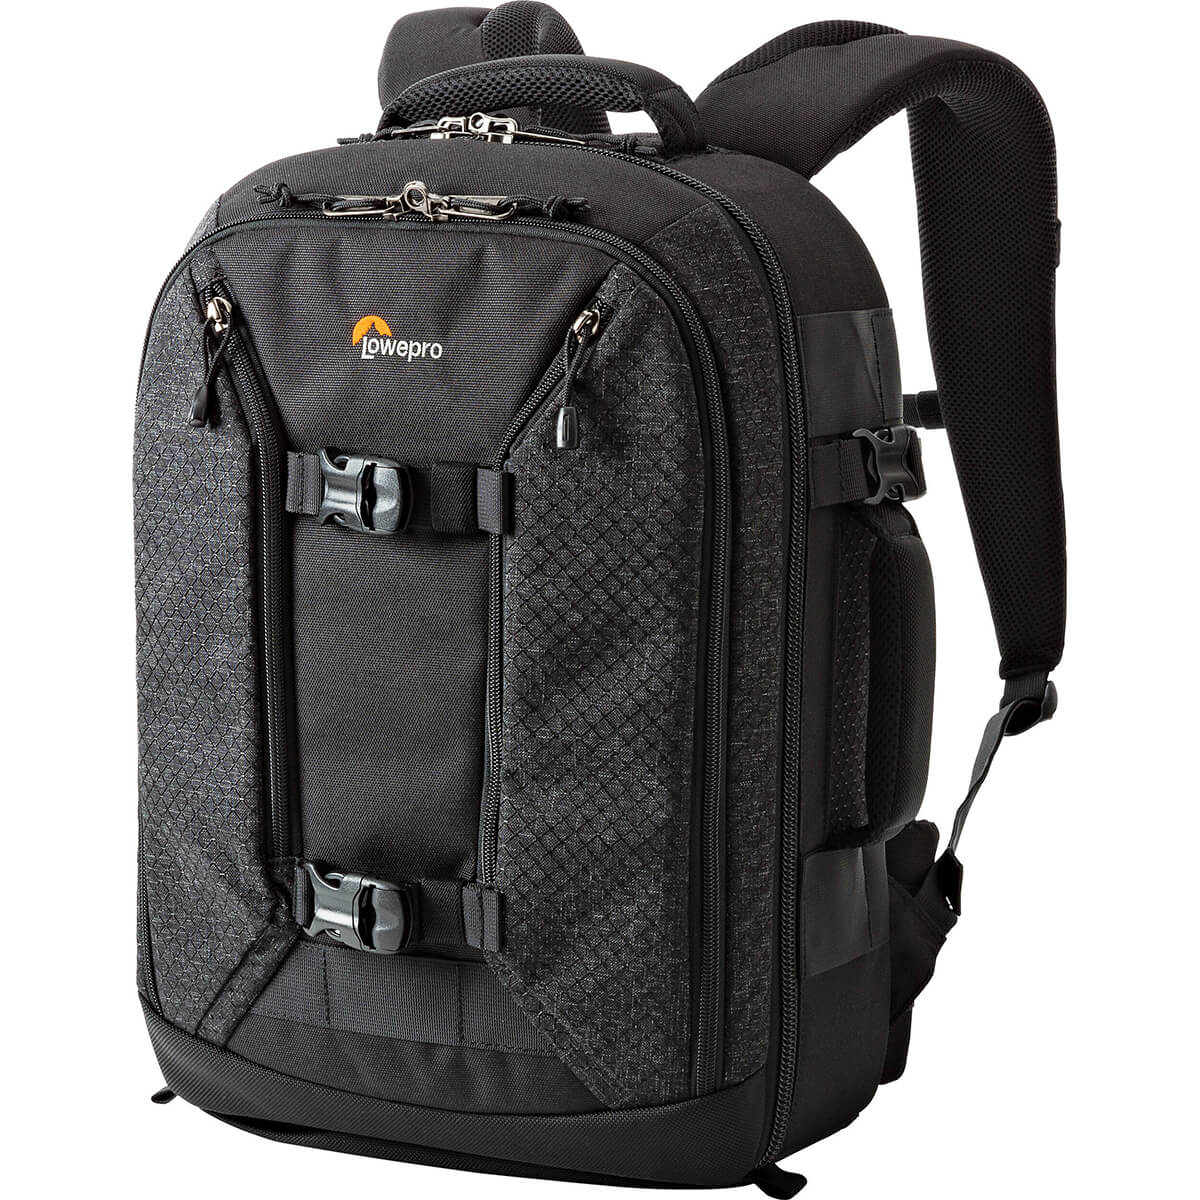 Best Camera Backpacks for Travel - Lowepro Pro Runner